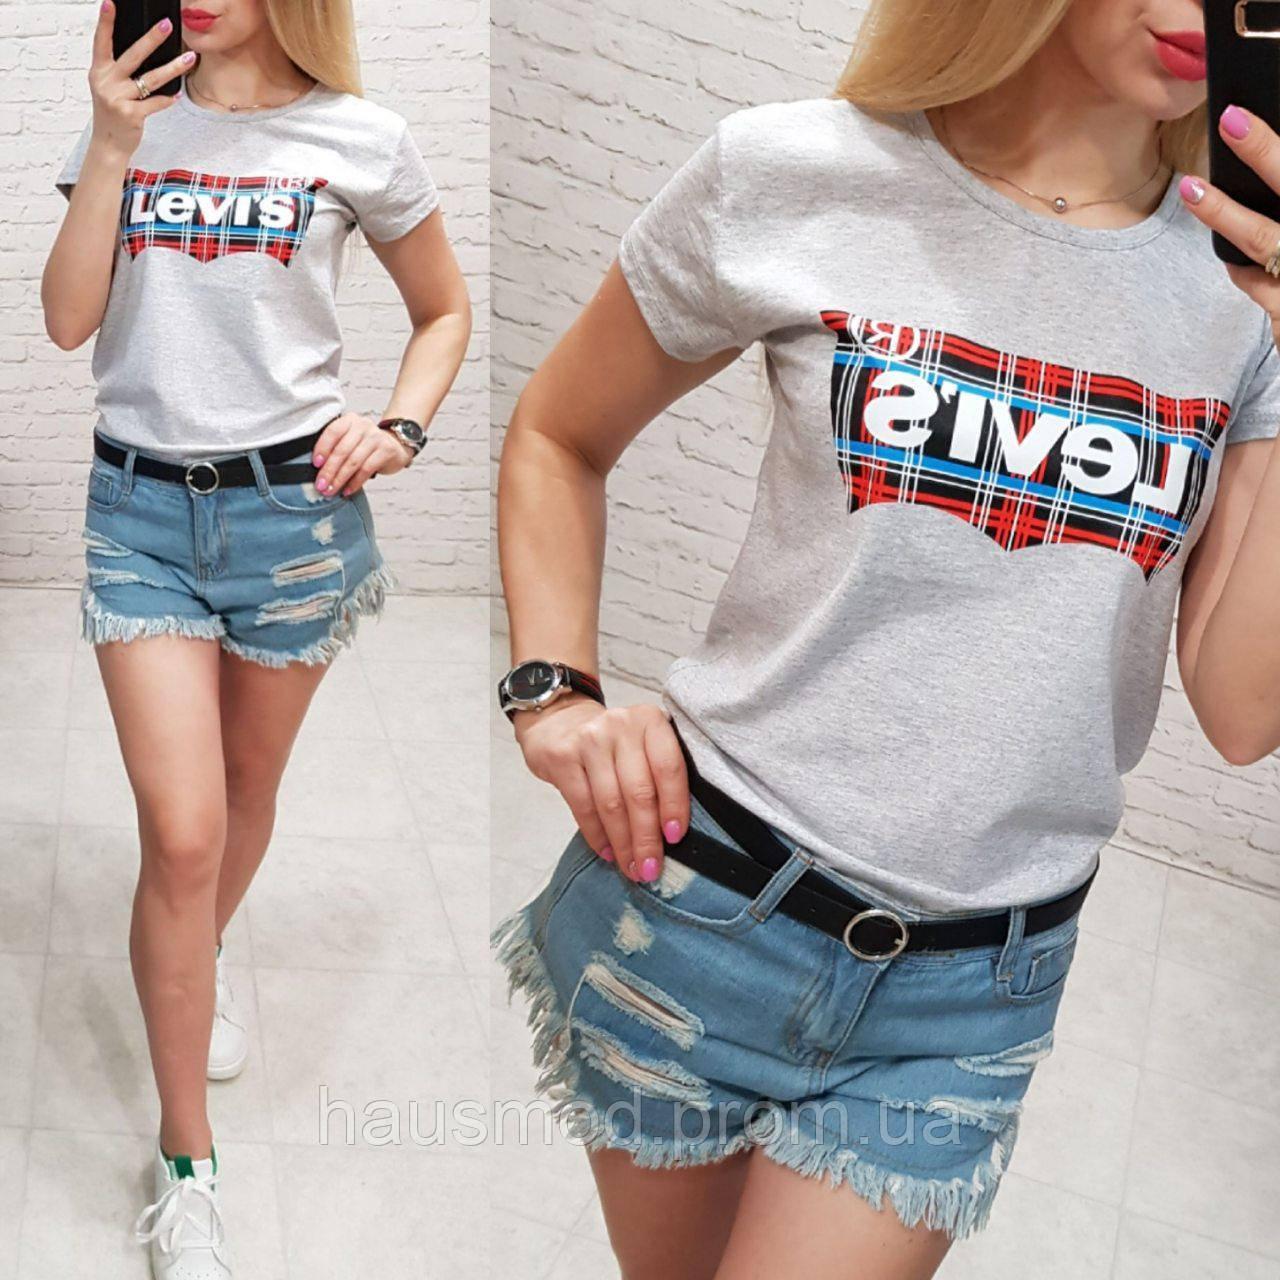 Женская футболка летняя качество реплика копия Levis турция 100% катонцвет серый